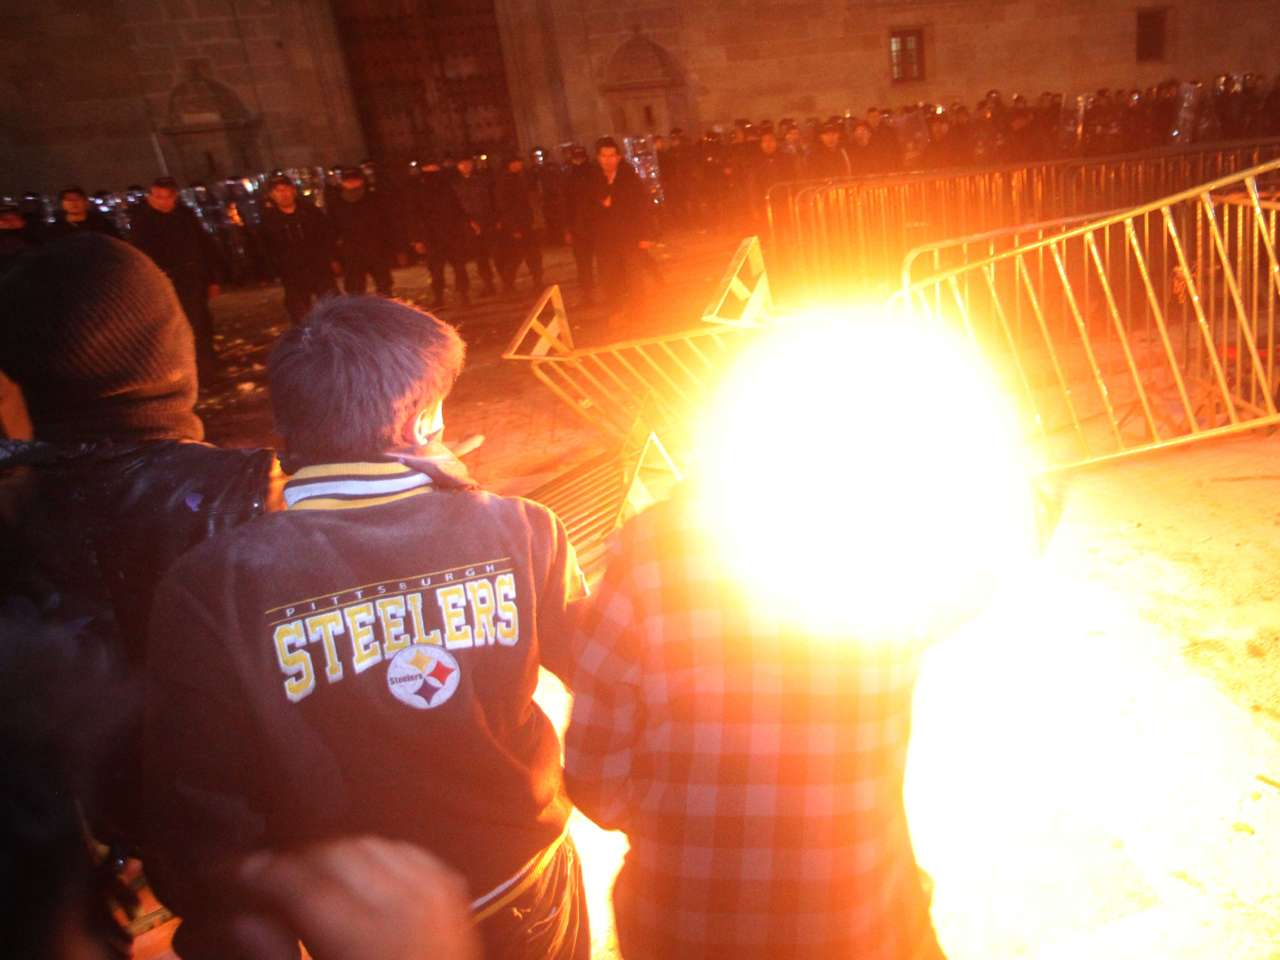 Enfrentamiento y violencia en el Zócalo tras marcha #20NovMX Foto: Terra